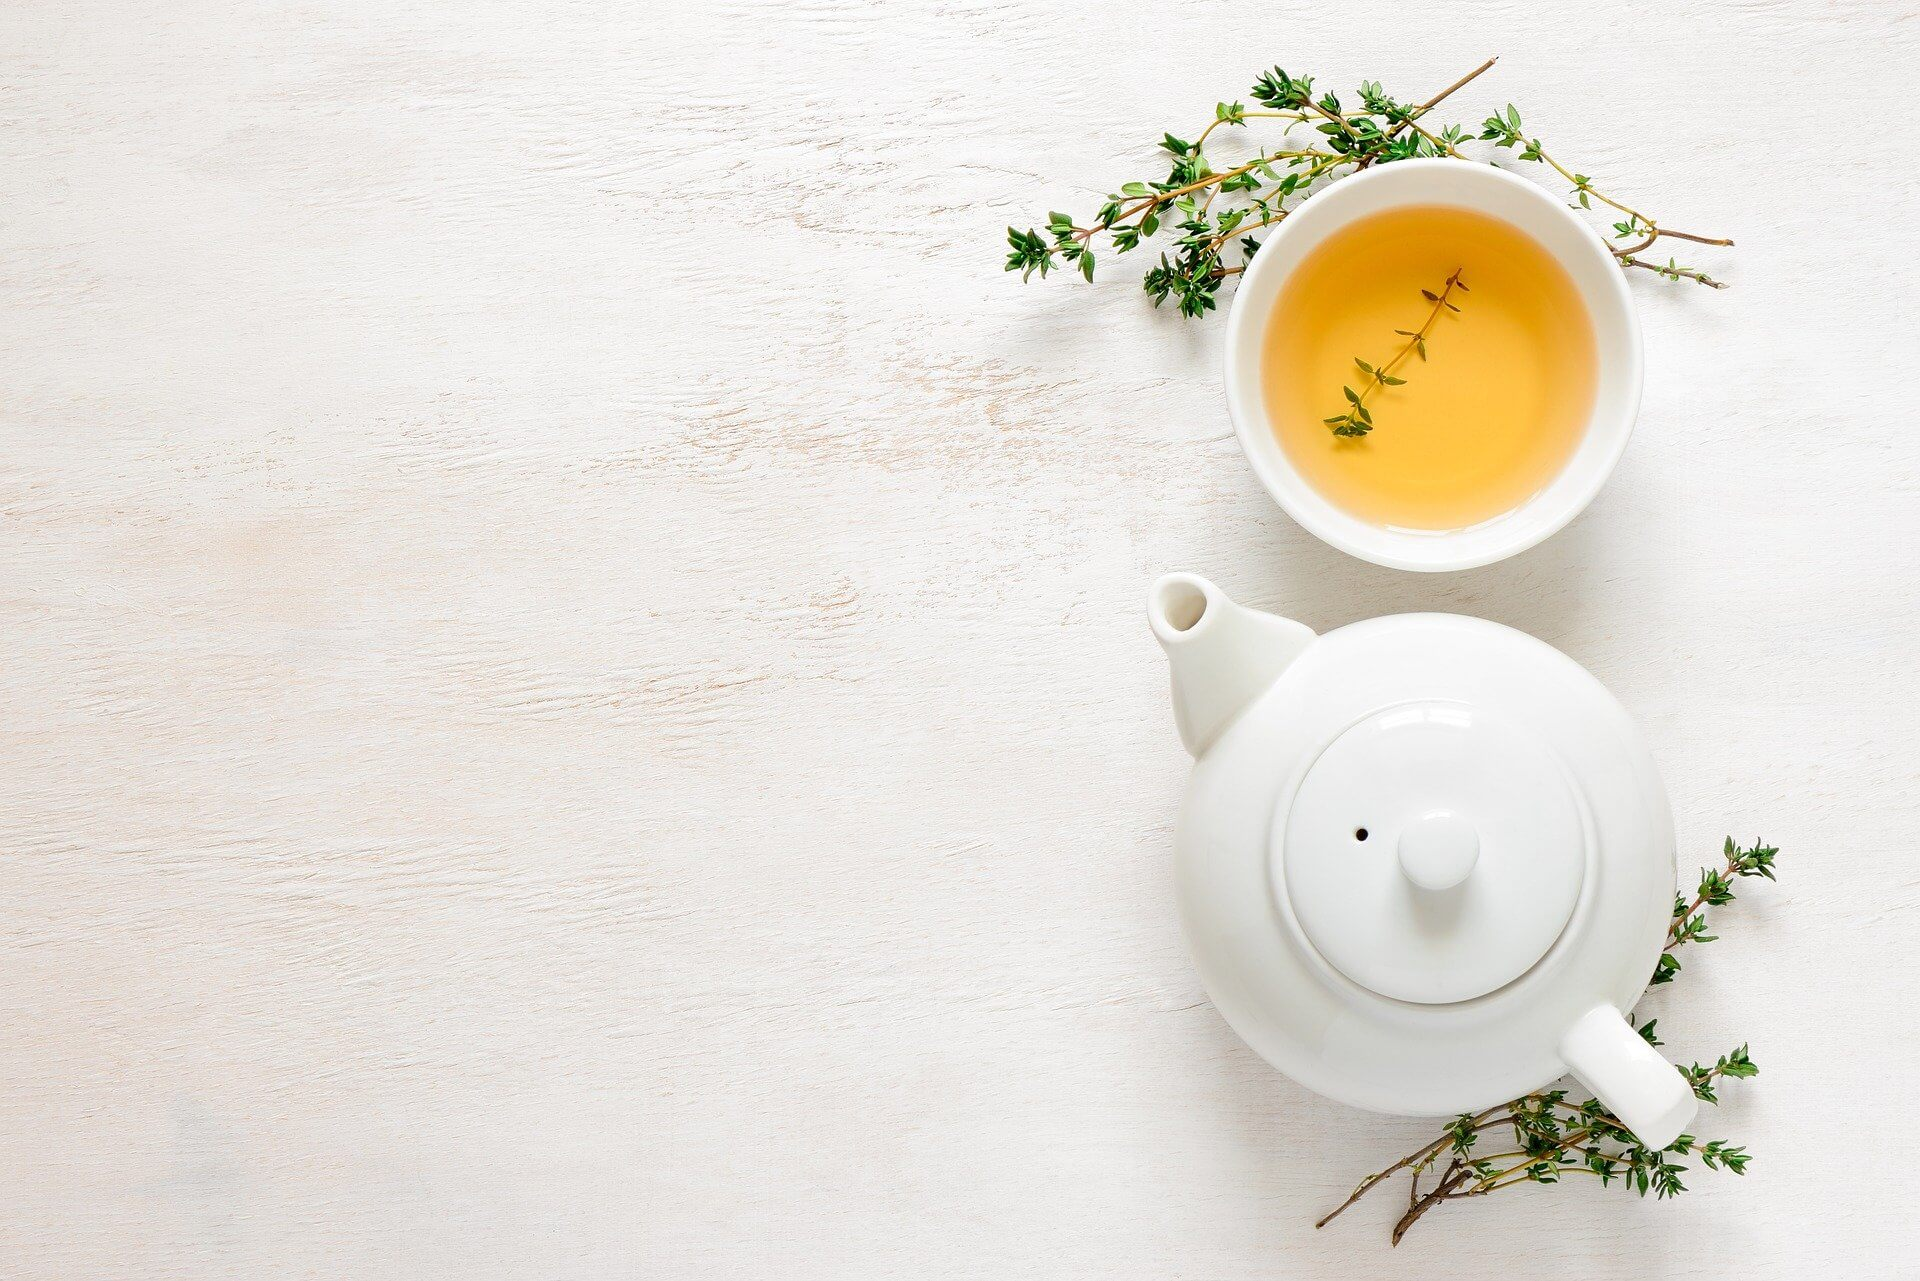 【インド土産】小泉首相も飲んだ紅茶を扱う「アプキパサンド」を紹介